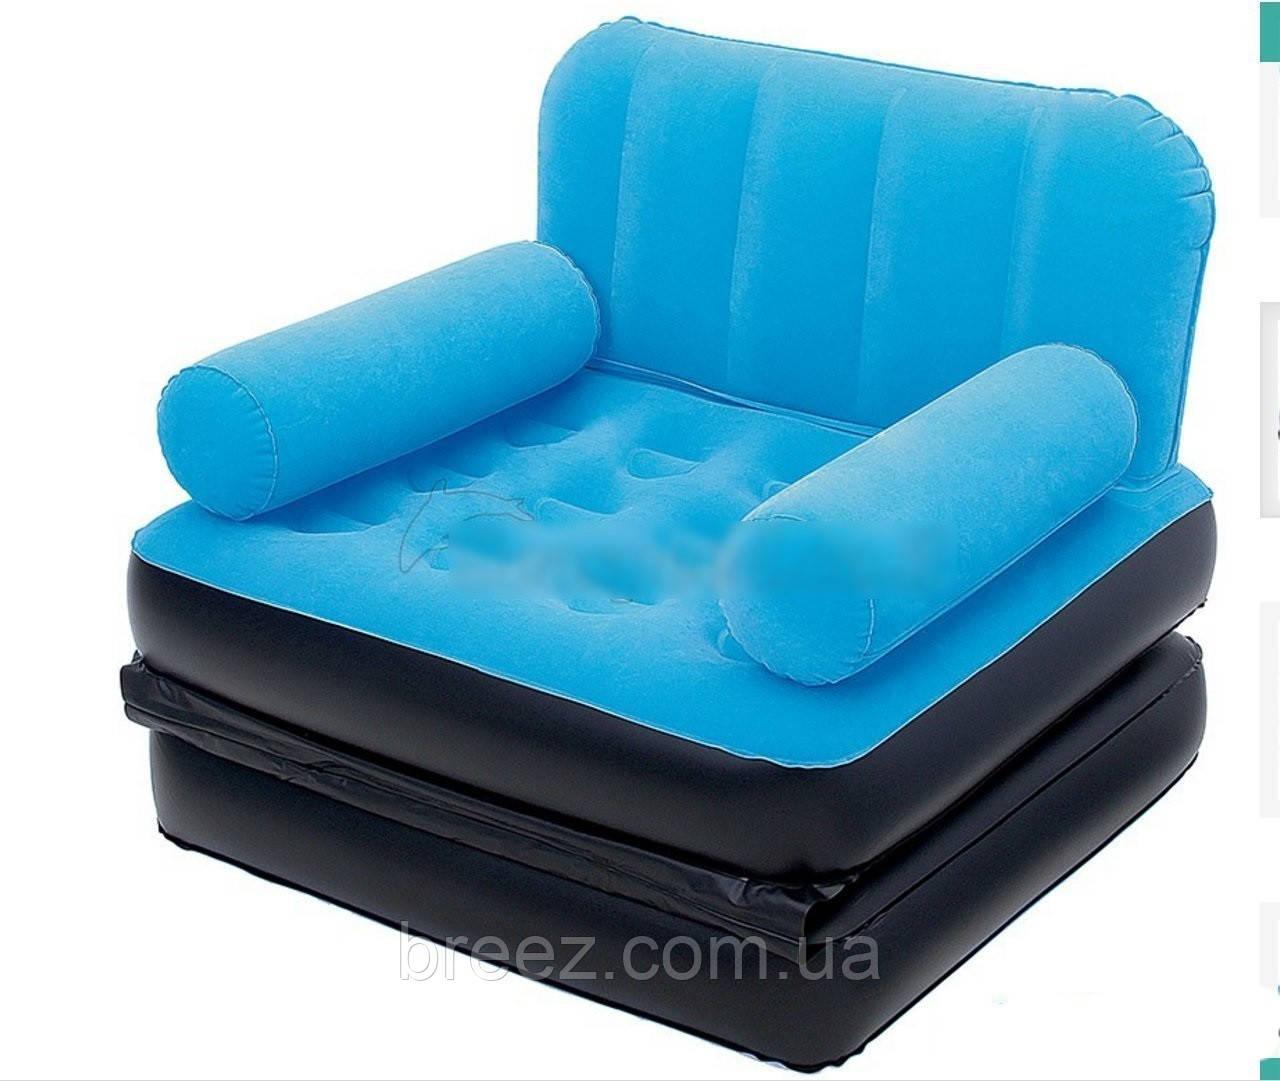 Надувное раскладное кресло Bestway 67277 голубое